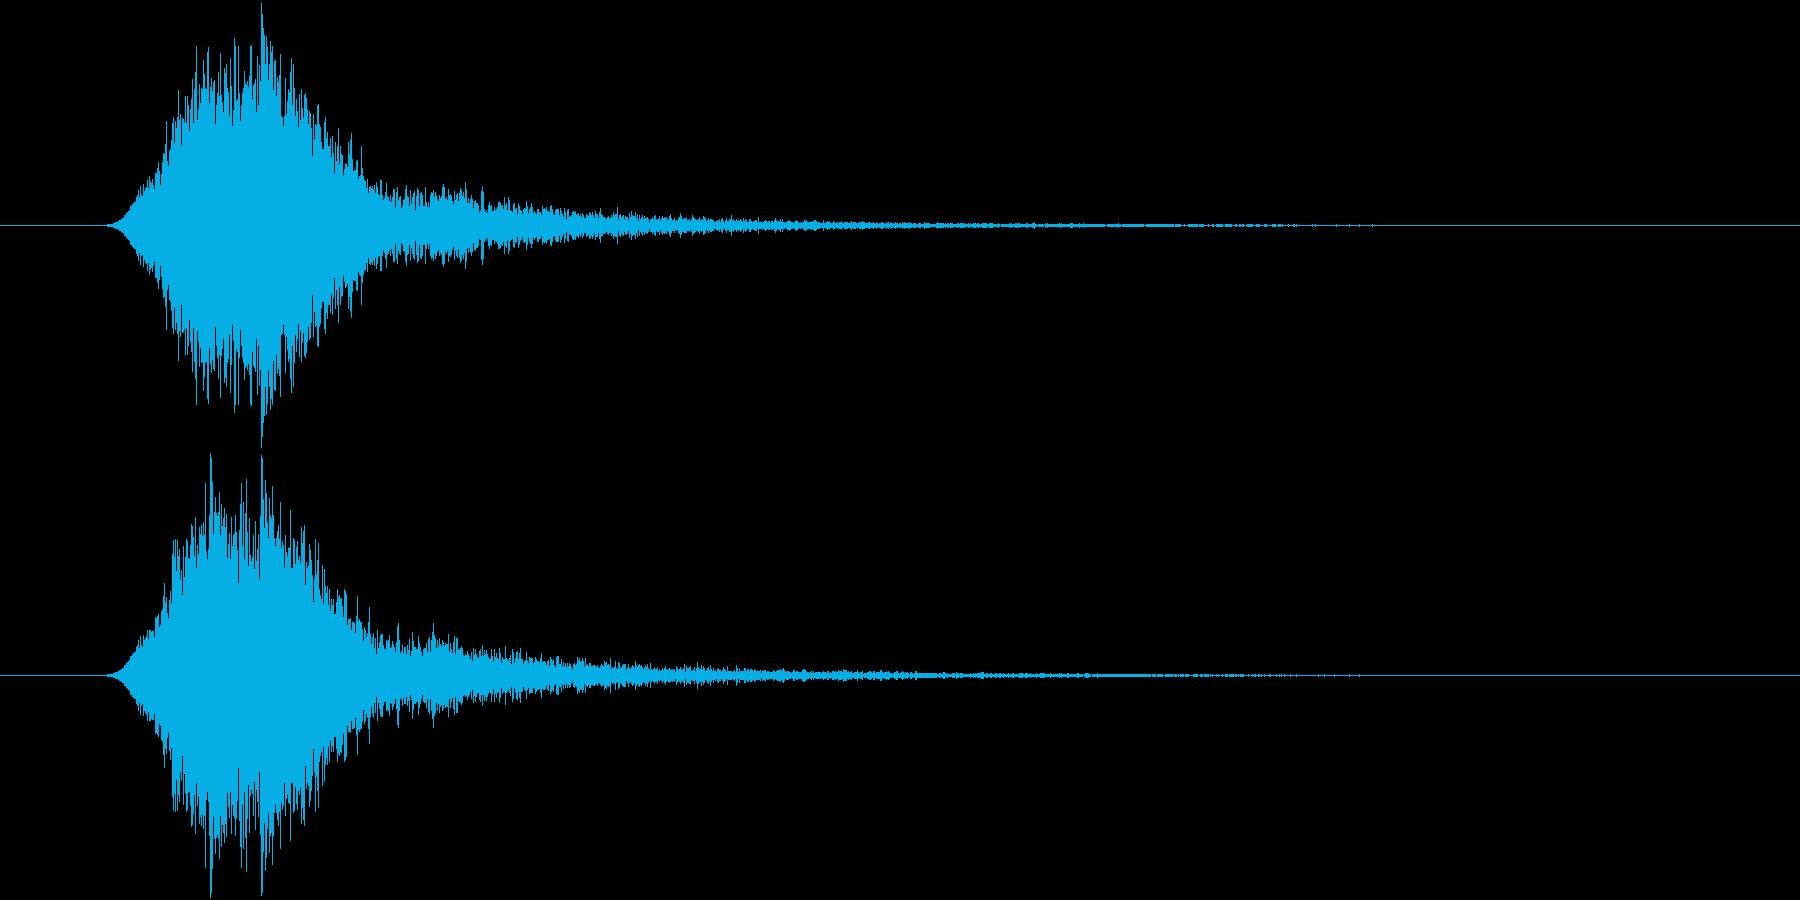 ヒュイン スピーディー 素早く過ぎ去る音の再生済みの波形